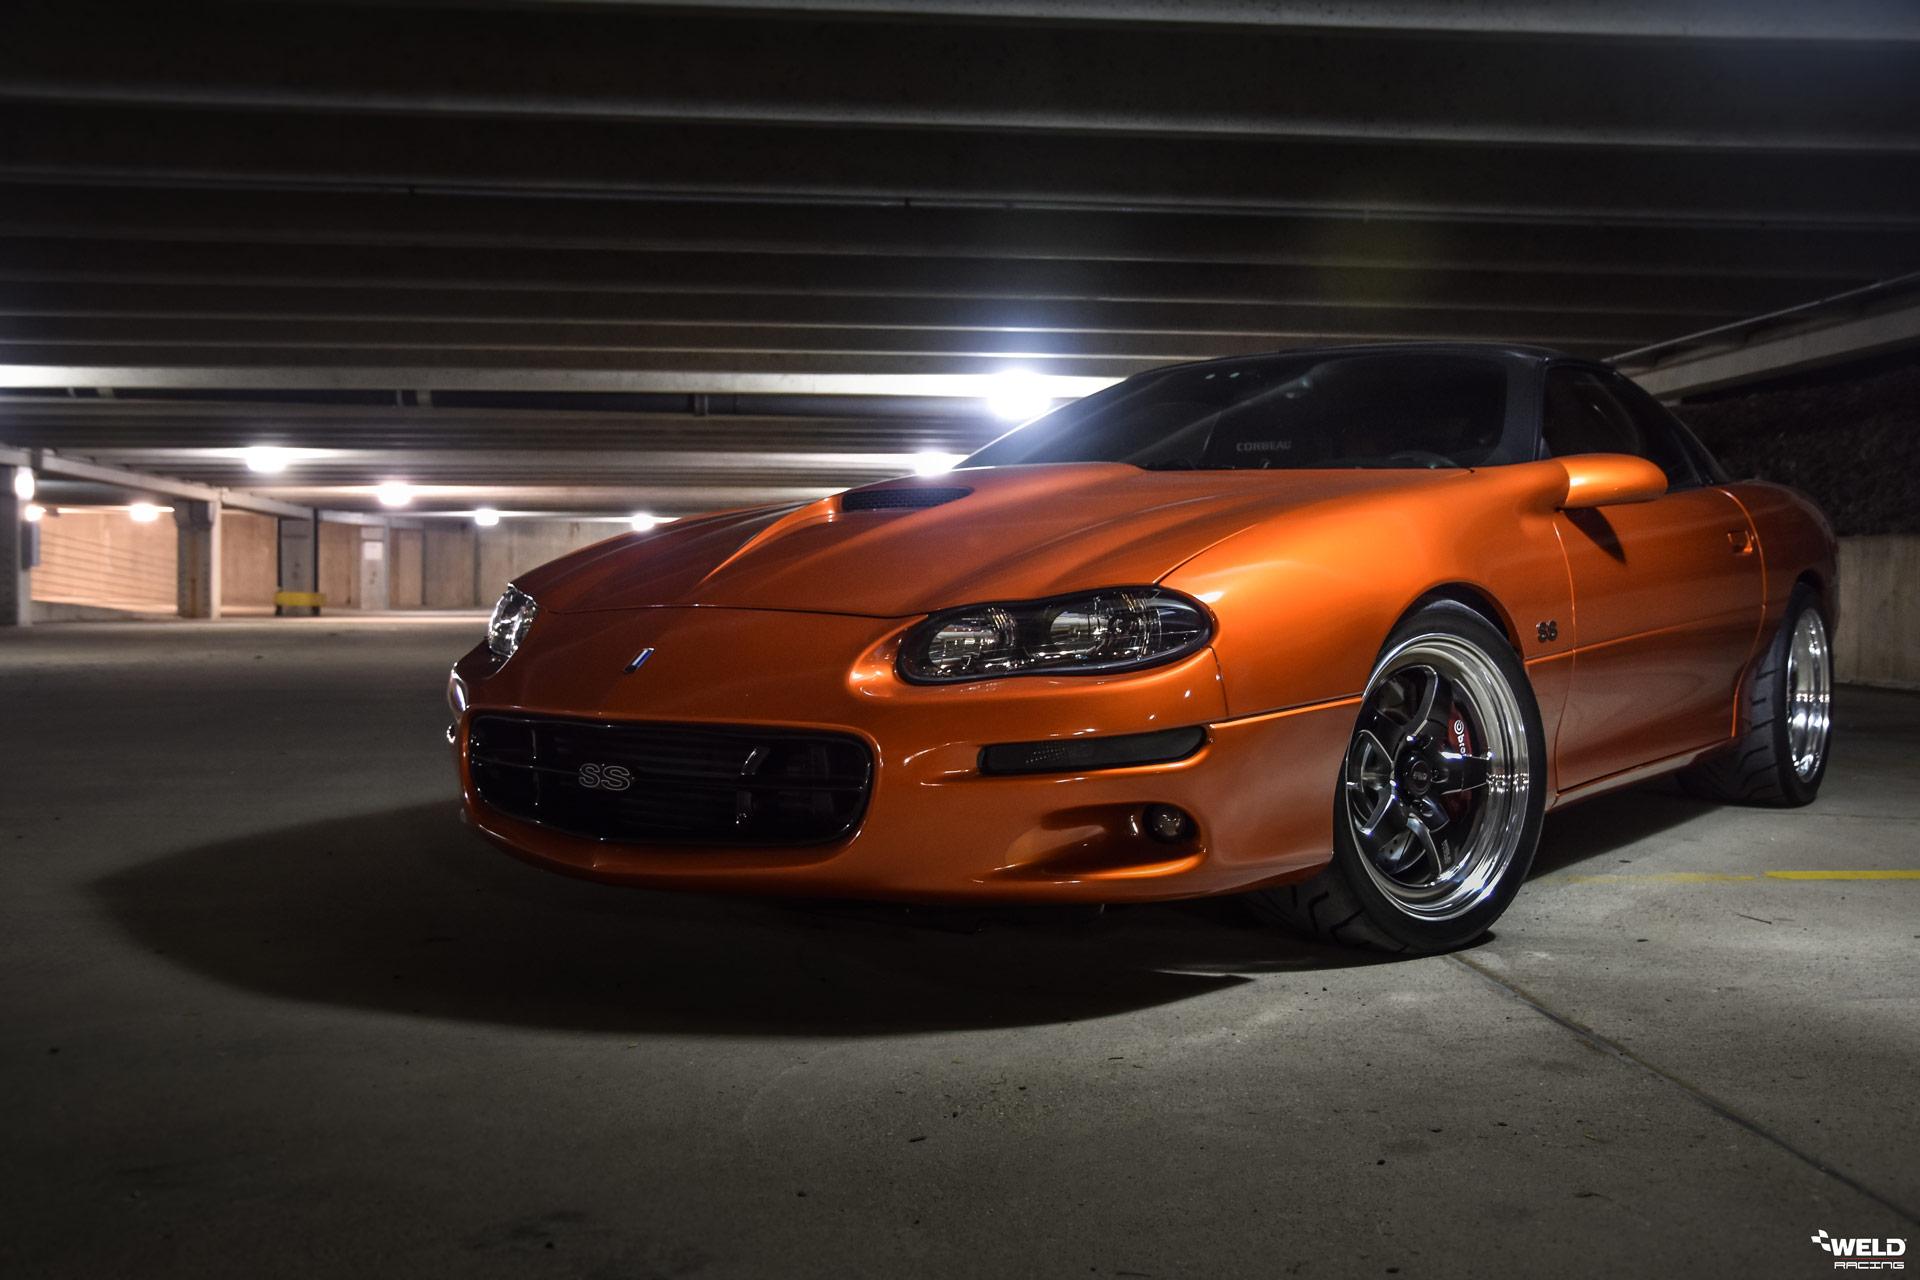 Sunburst Orange Chevrolet Camaro SS - WELD S71 Forged Wheels